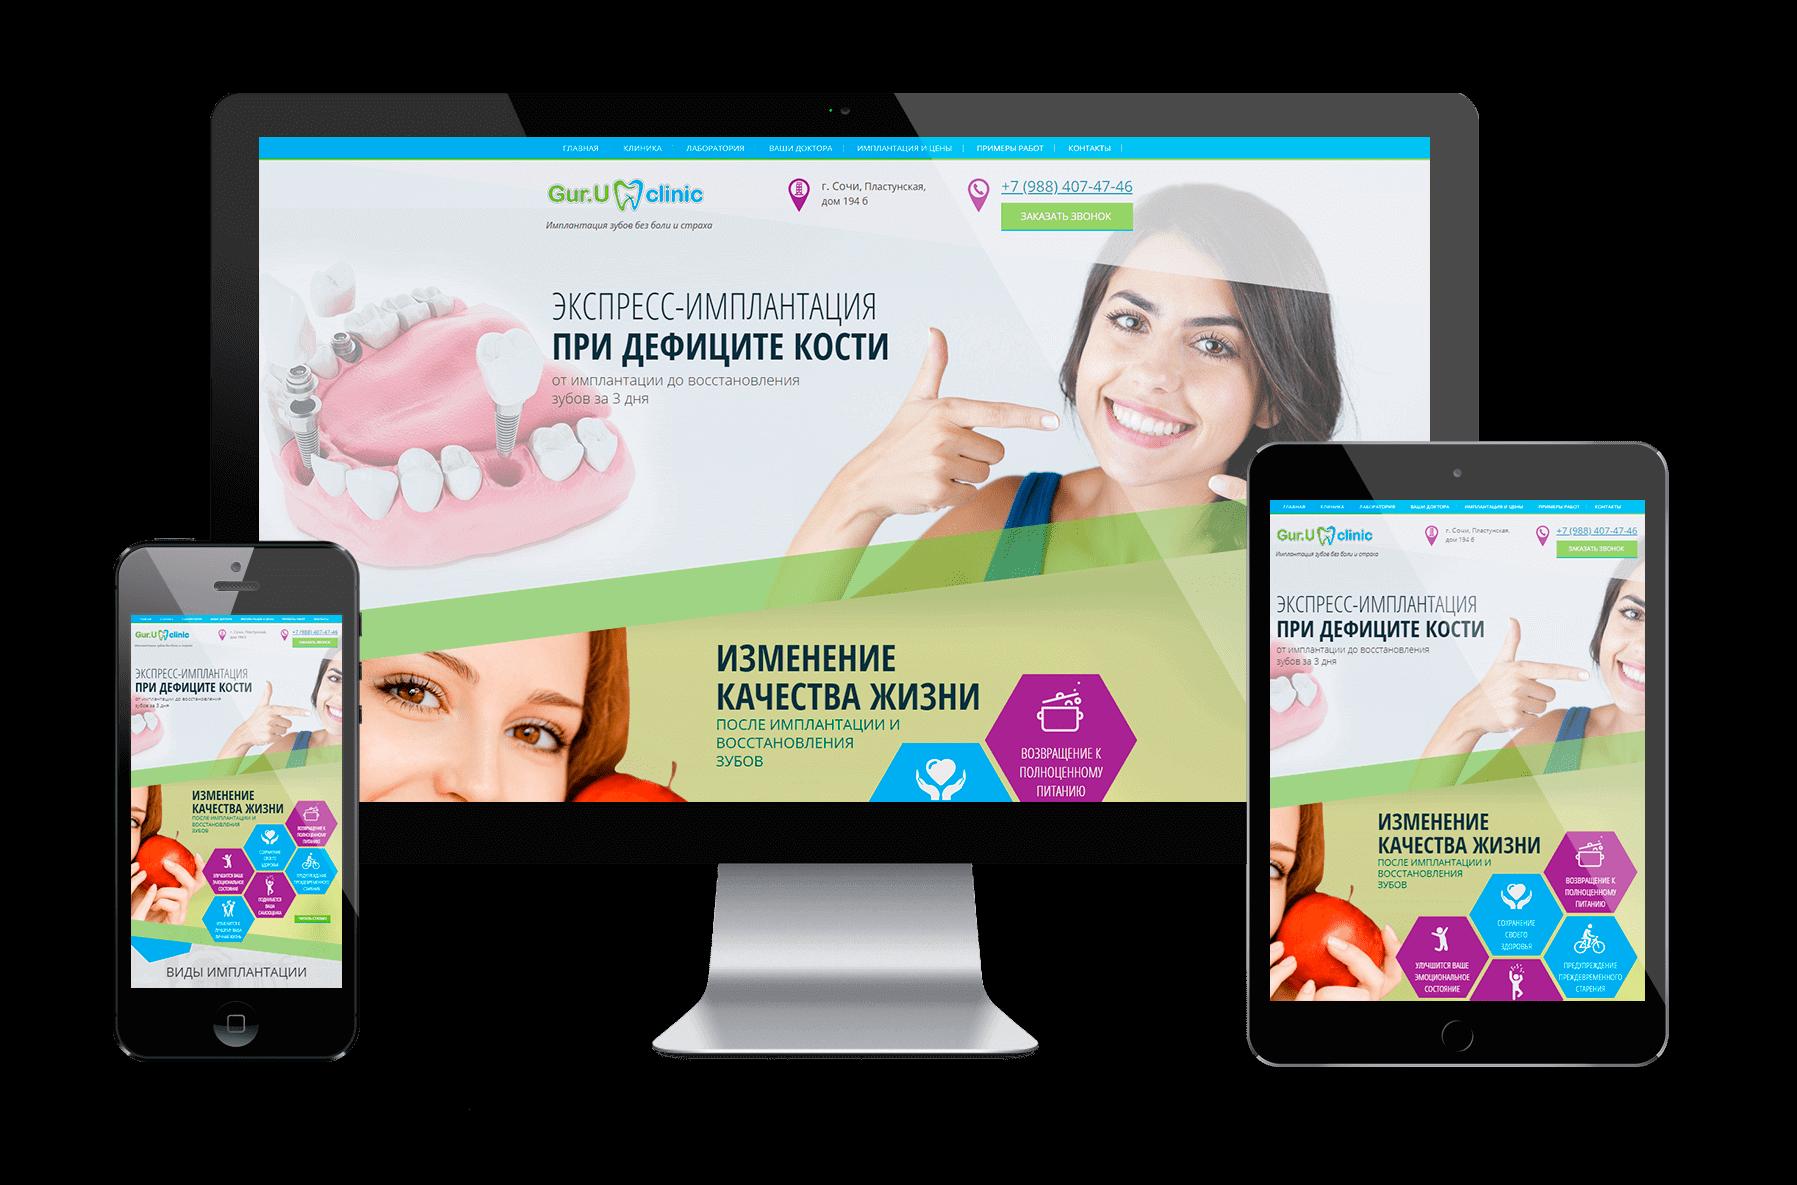 Корпоративный сайт — Стоматологической клиники «Guru Clinic»